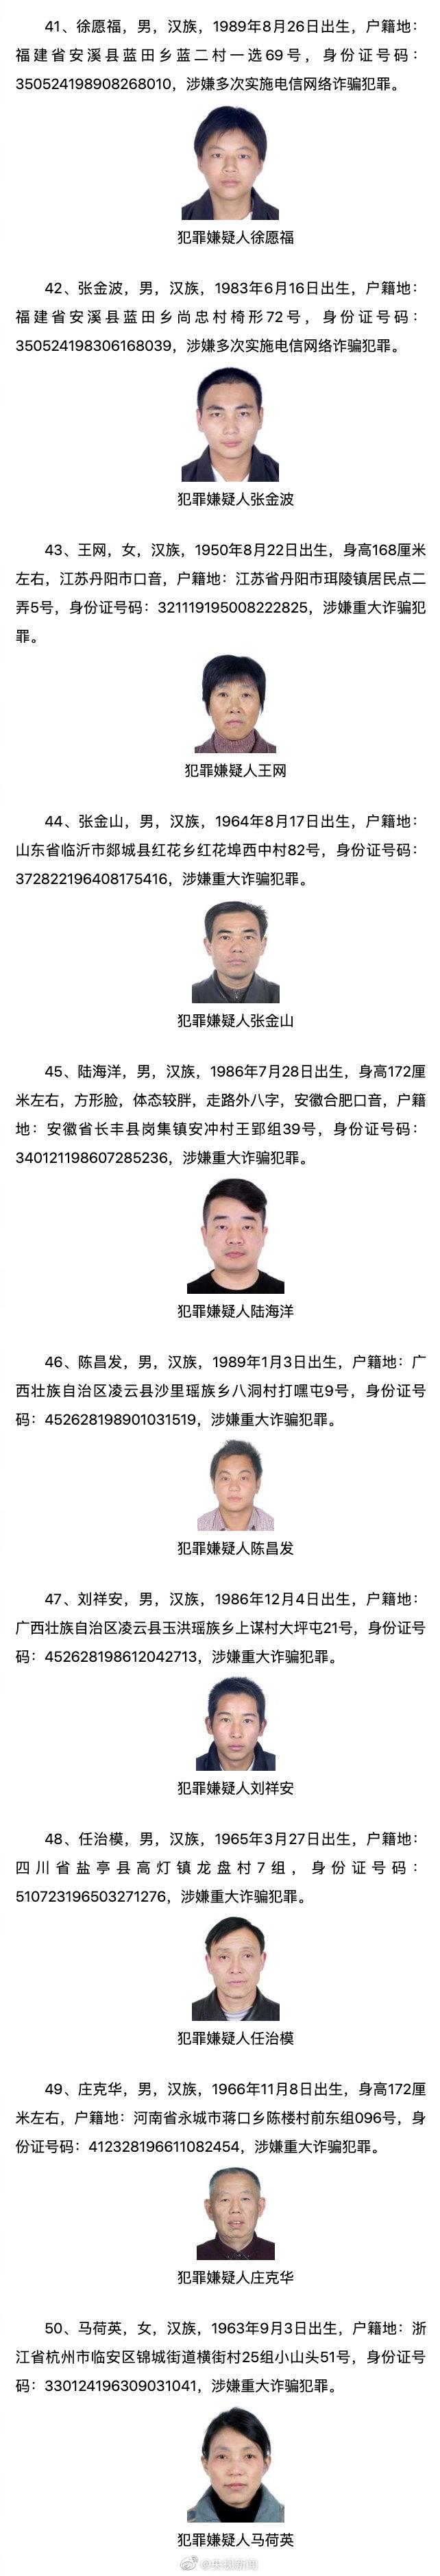 图片来源:中央电视台大发快3网投平台—大发分分彩中心官方微博